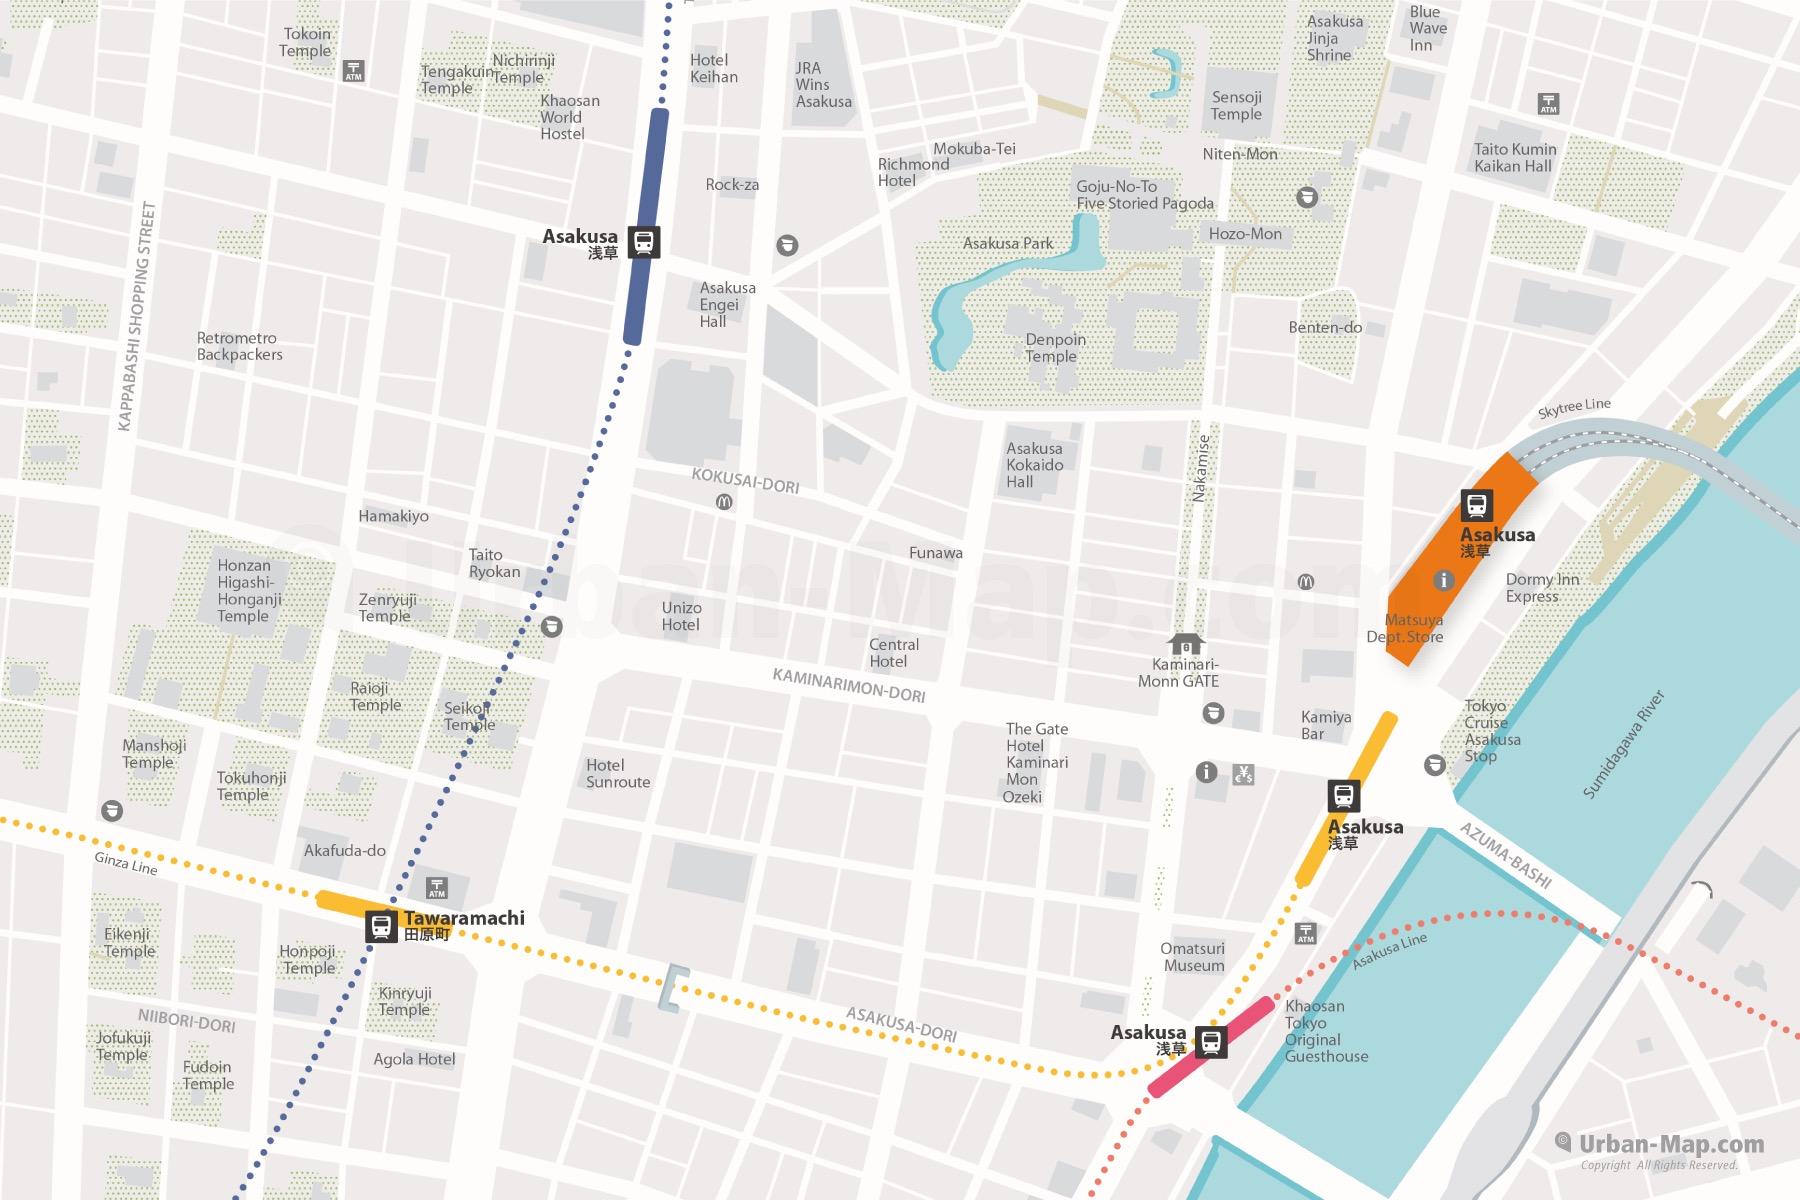 Tokyo Asakusa City Map shows Asakusa Station, Kaminarimon, Tawaramachi